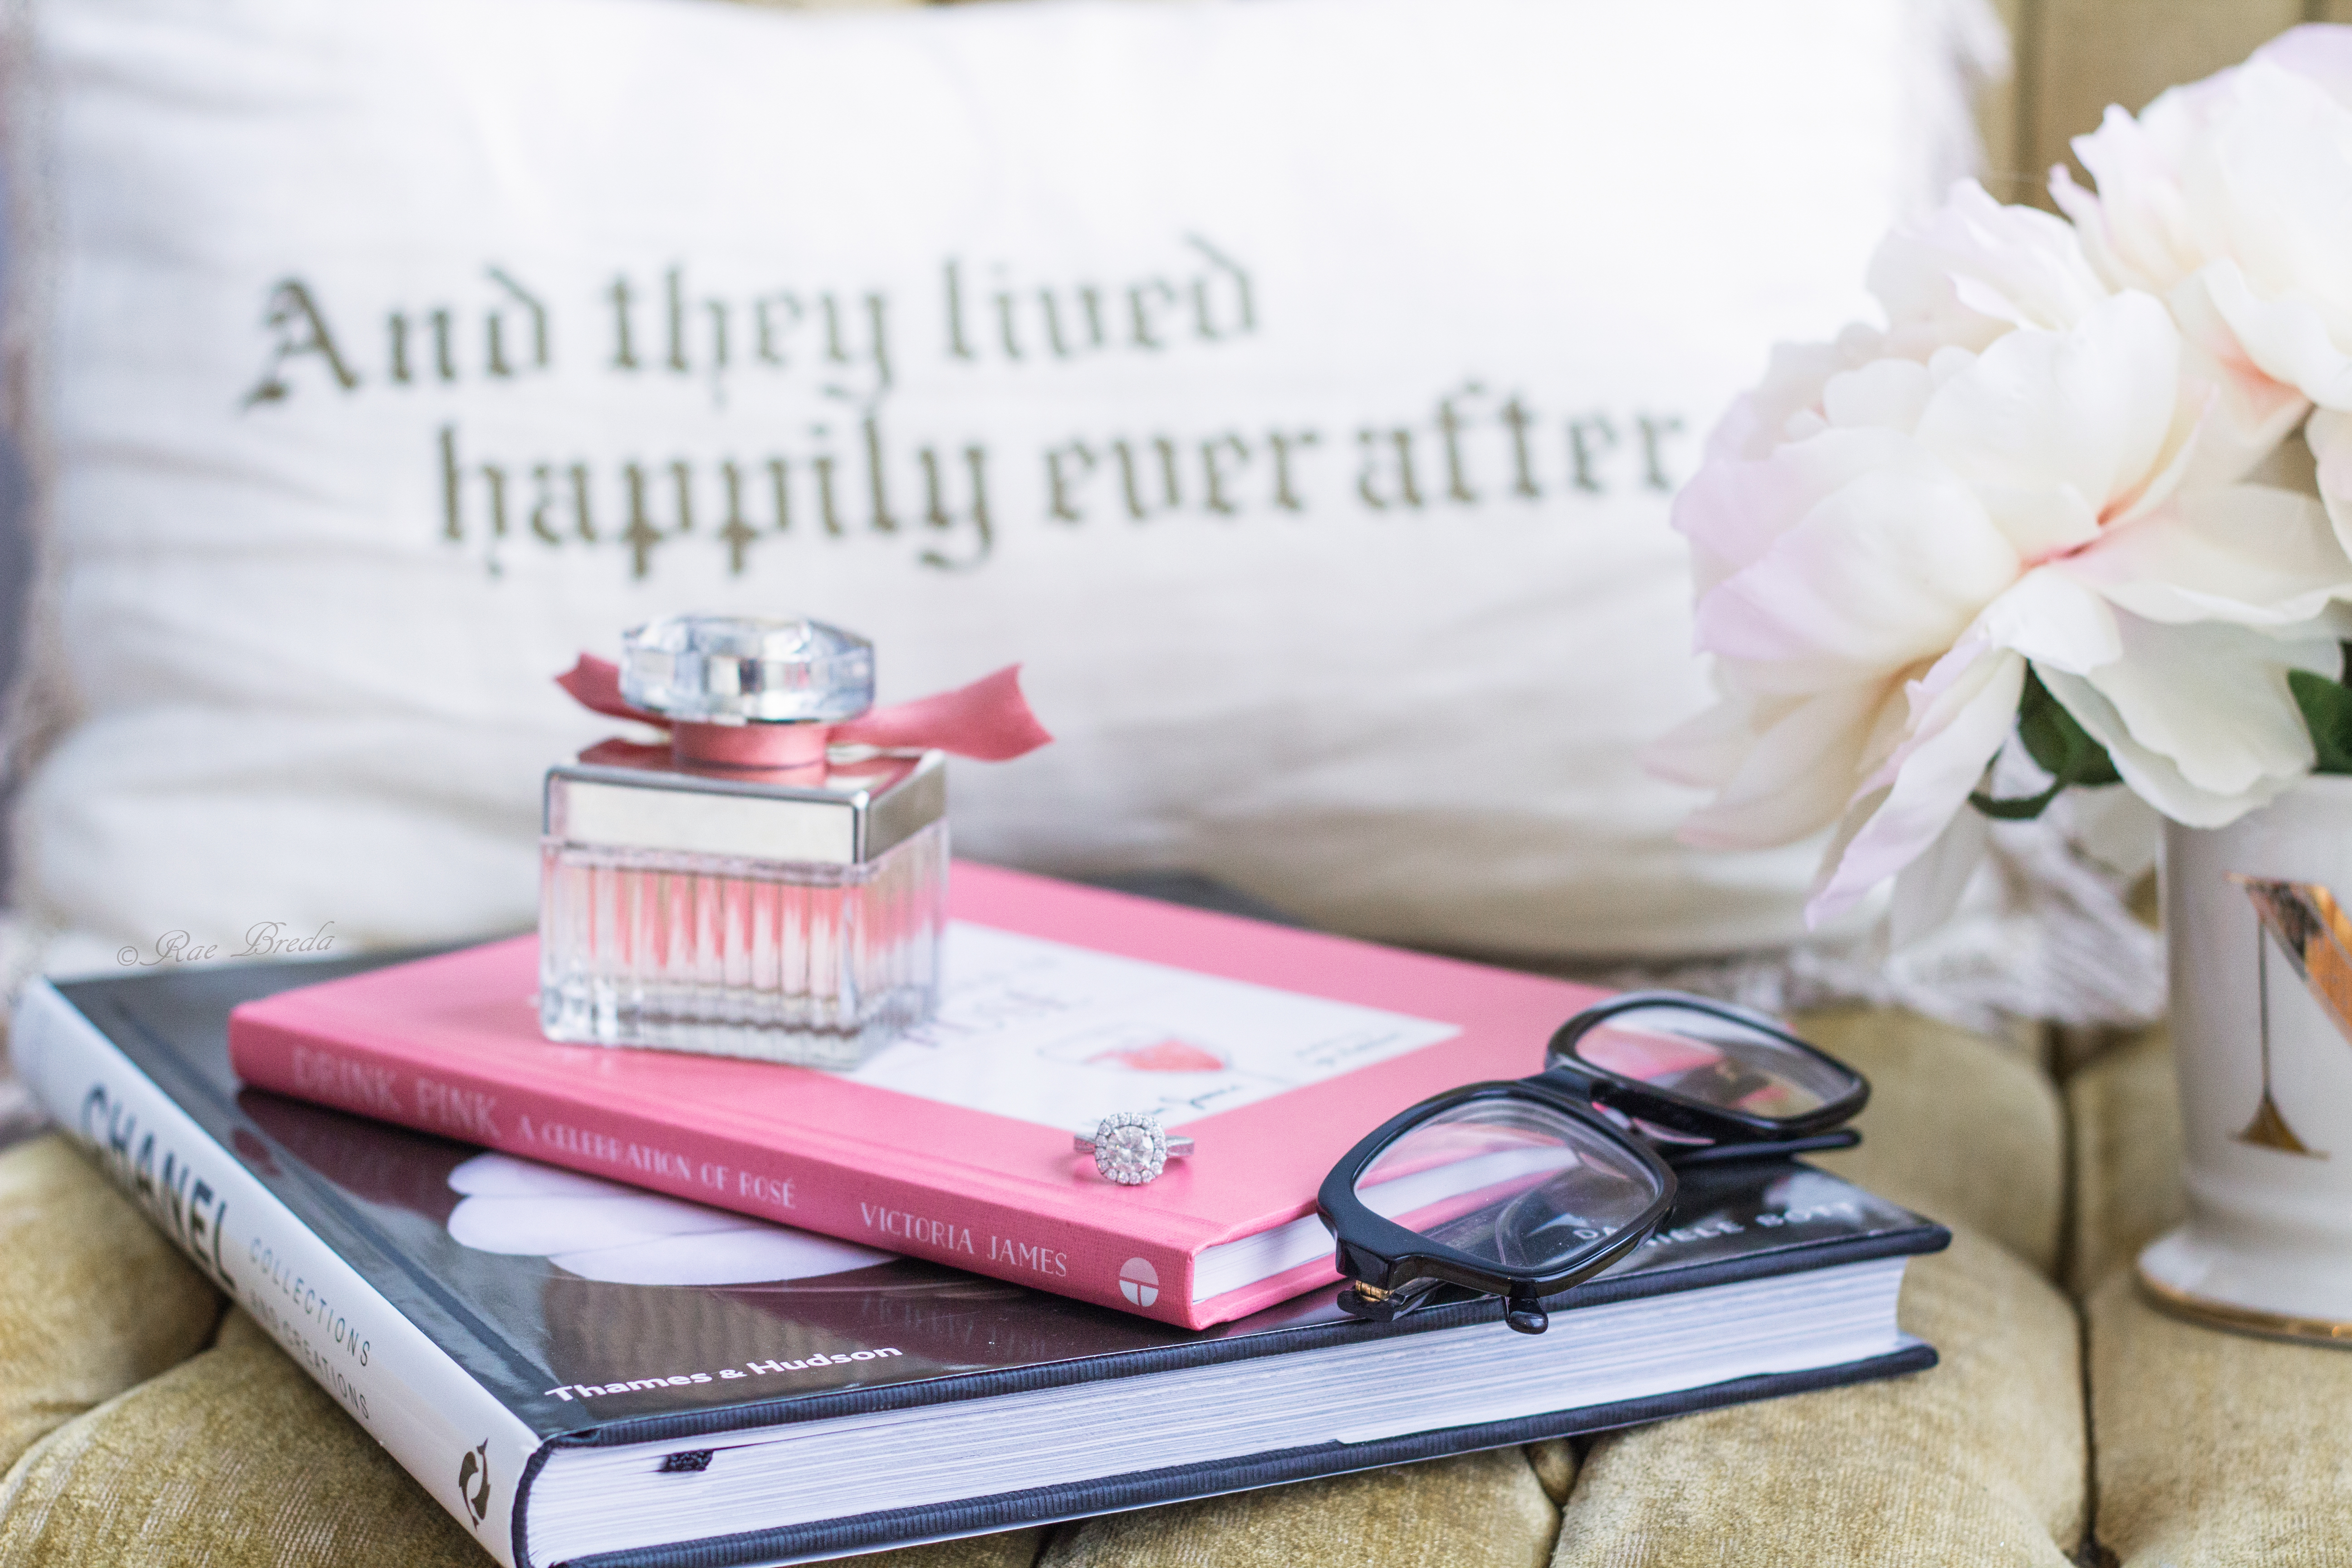 SHOPPING FOR BRIDAL LINGERIE